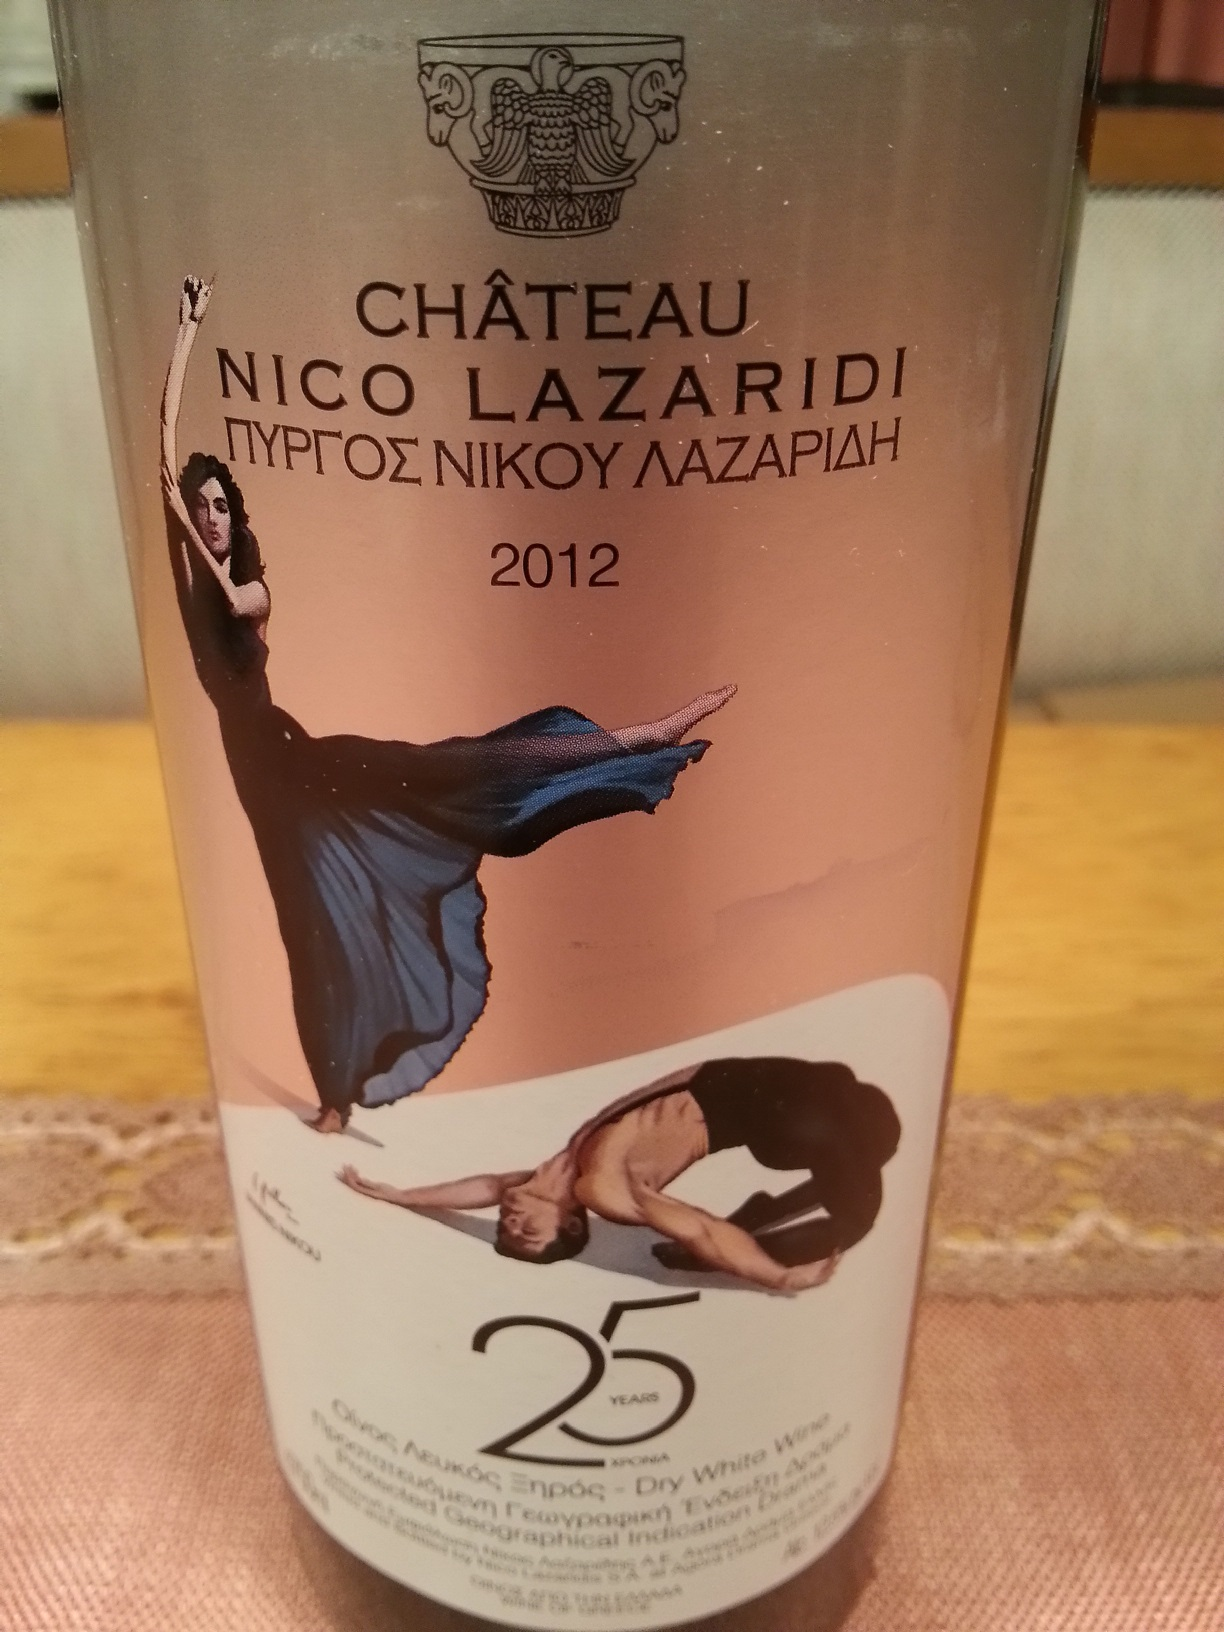 2012 '25 Years' | Nico Lazaridi